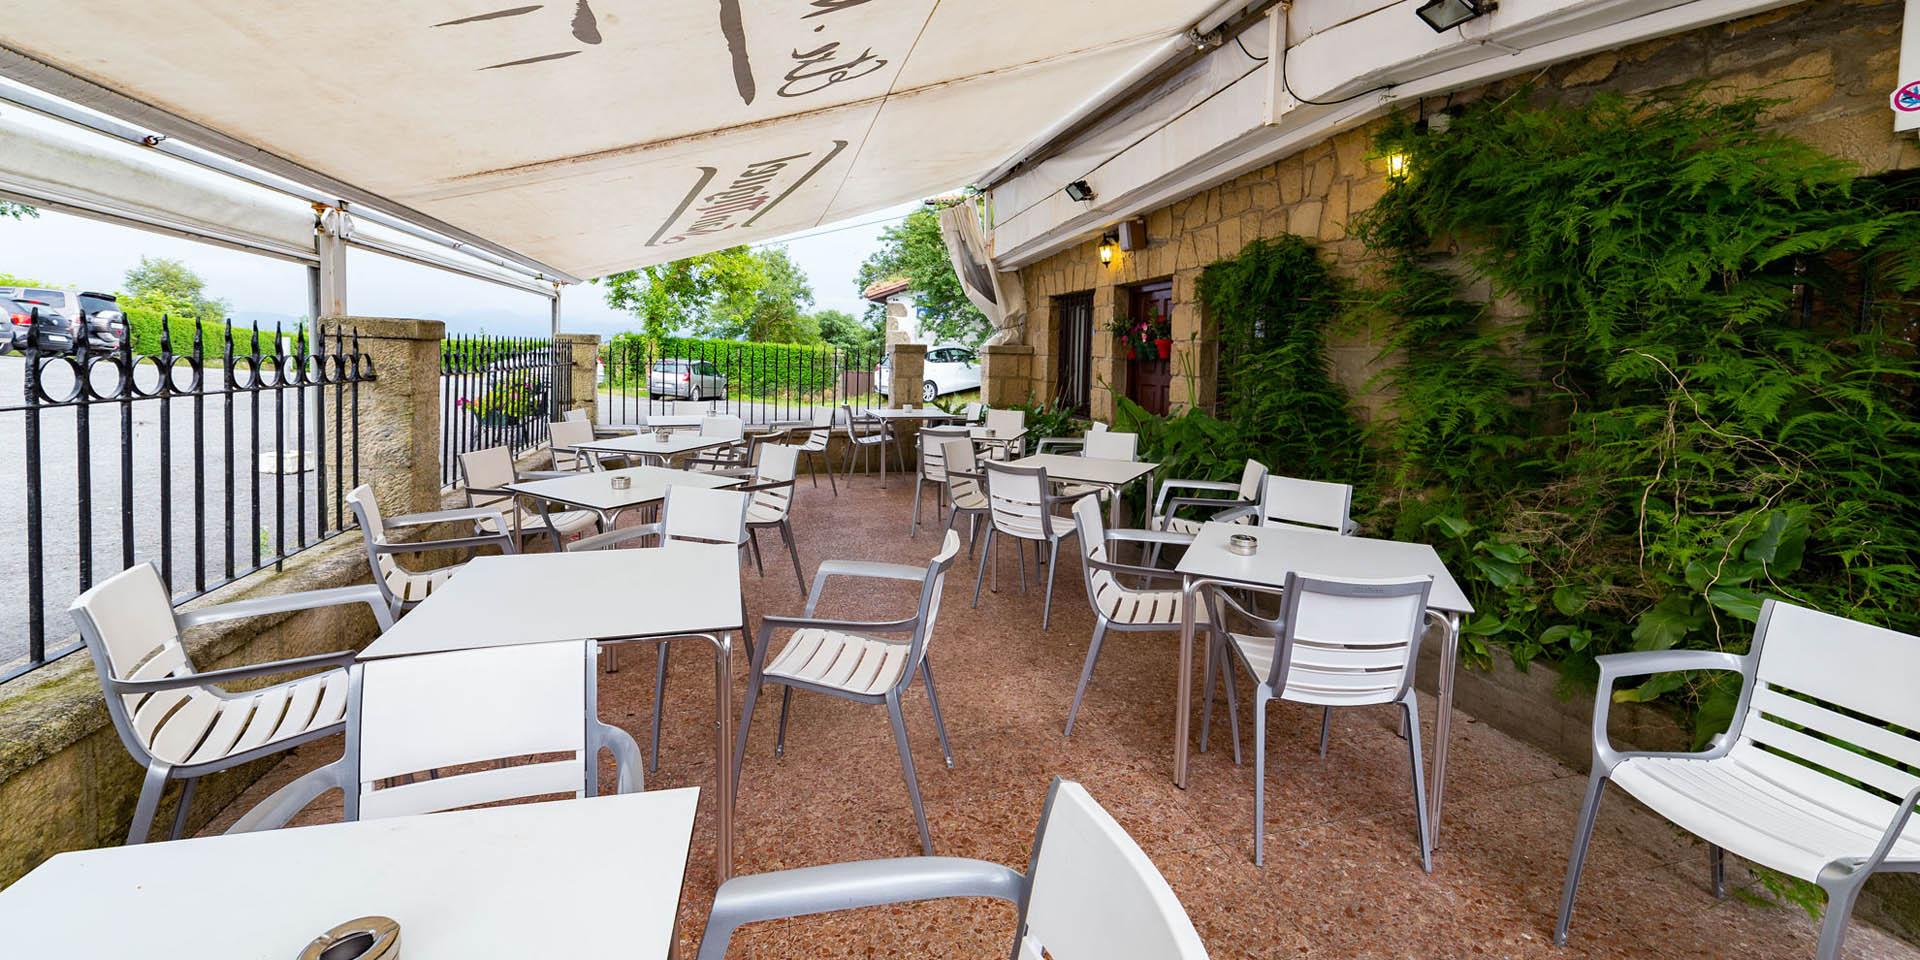 180713 Restaurante Etxe-Nagusi Igeldo12